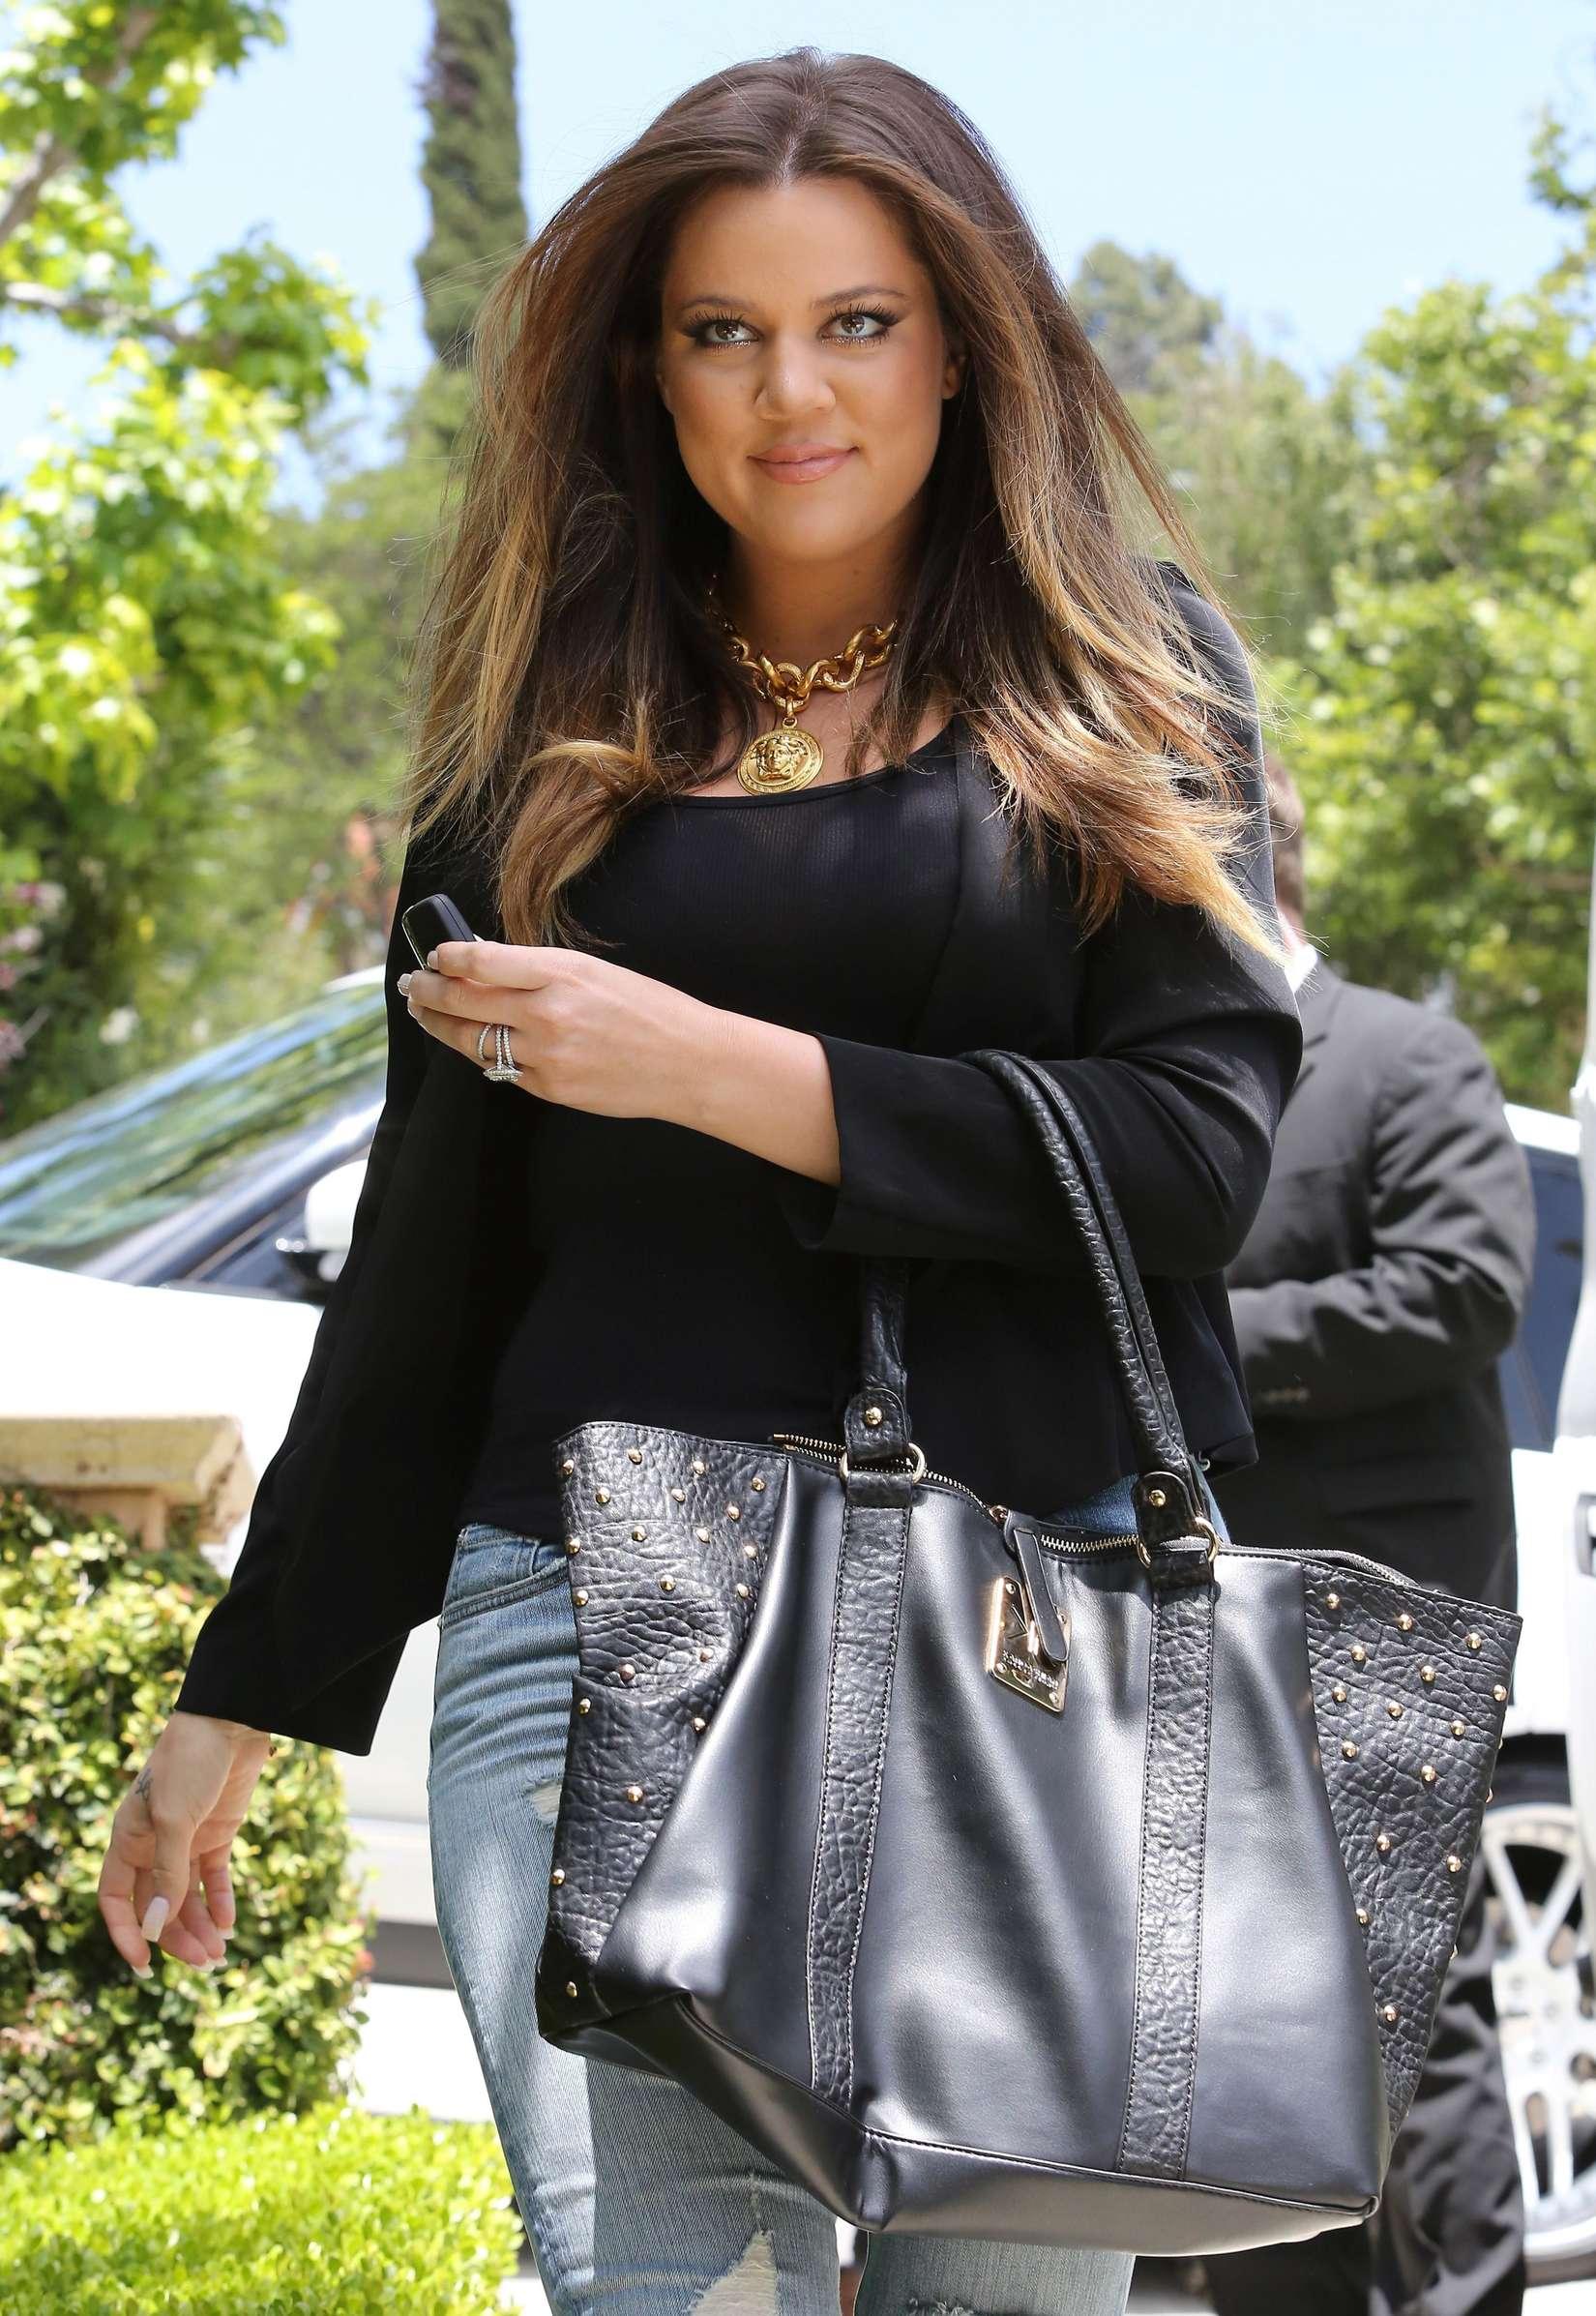 Khloe Kardashian 2013 : Khloe Kardashian at Kims house -10